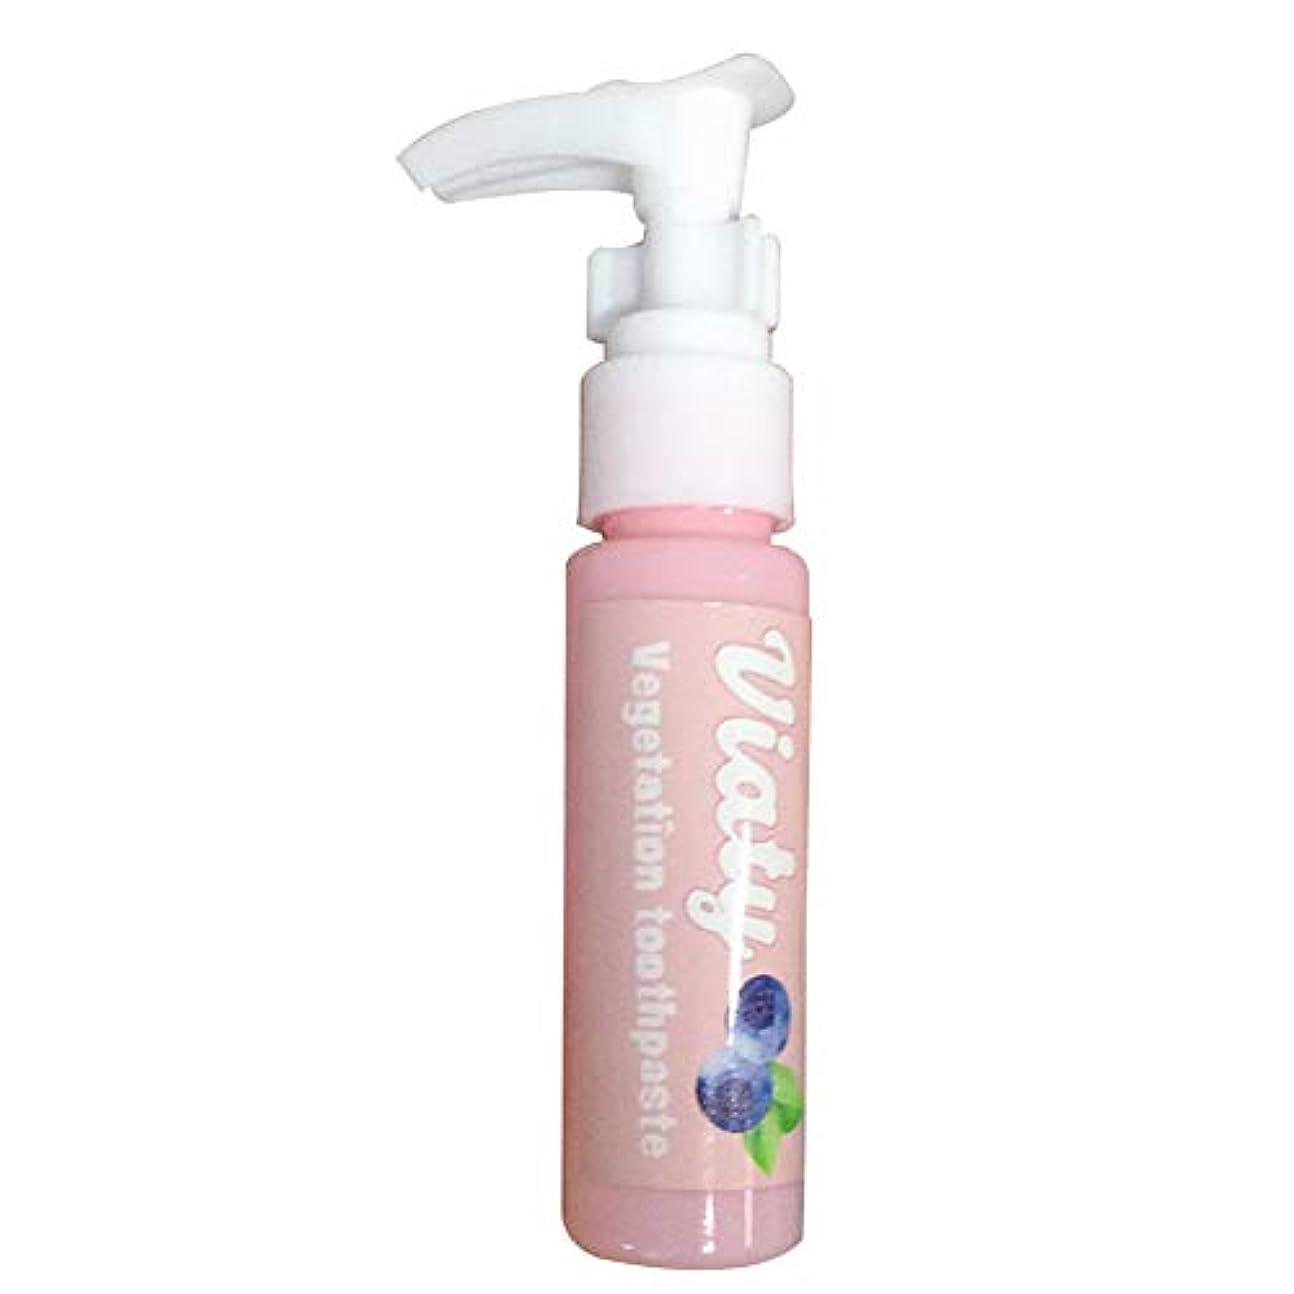 ライセンス対人威信JanusSaja歯磨き粉を押す旅行ベーキングソーダを白くする装置のフルーティーなベーキングソーダ歯磨き粉